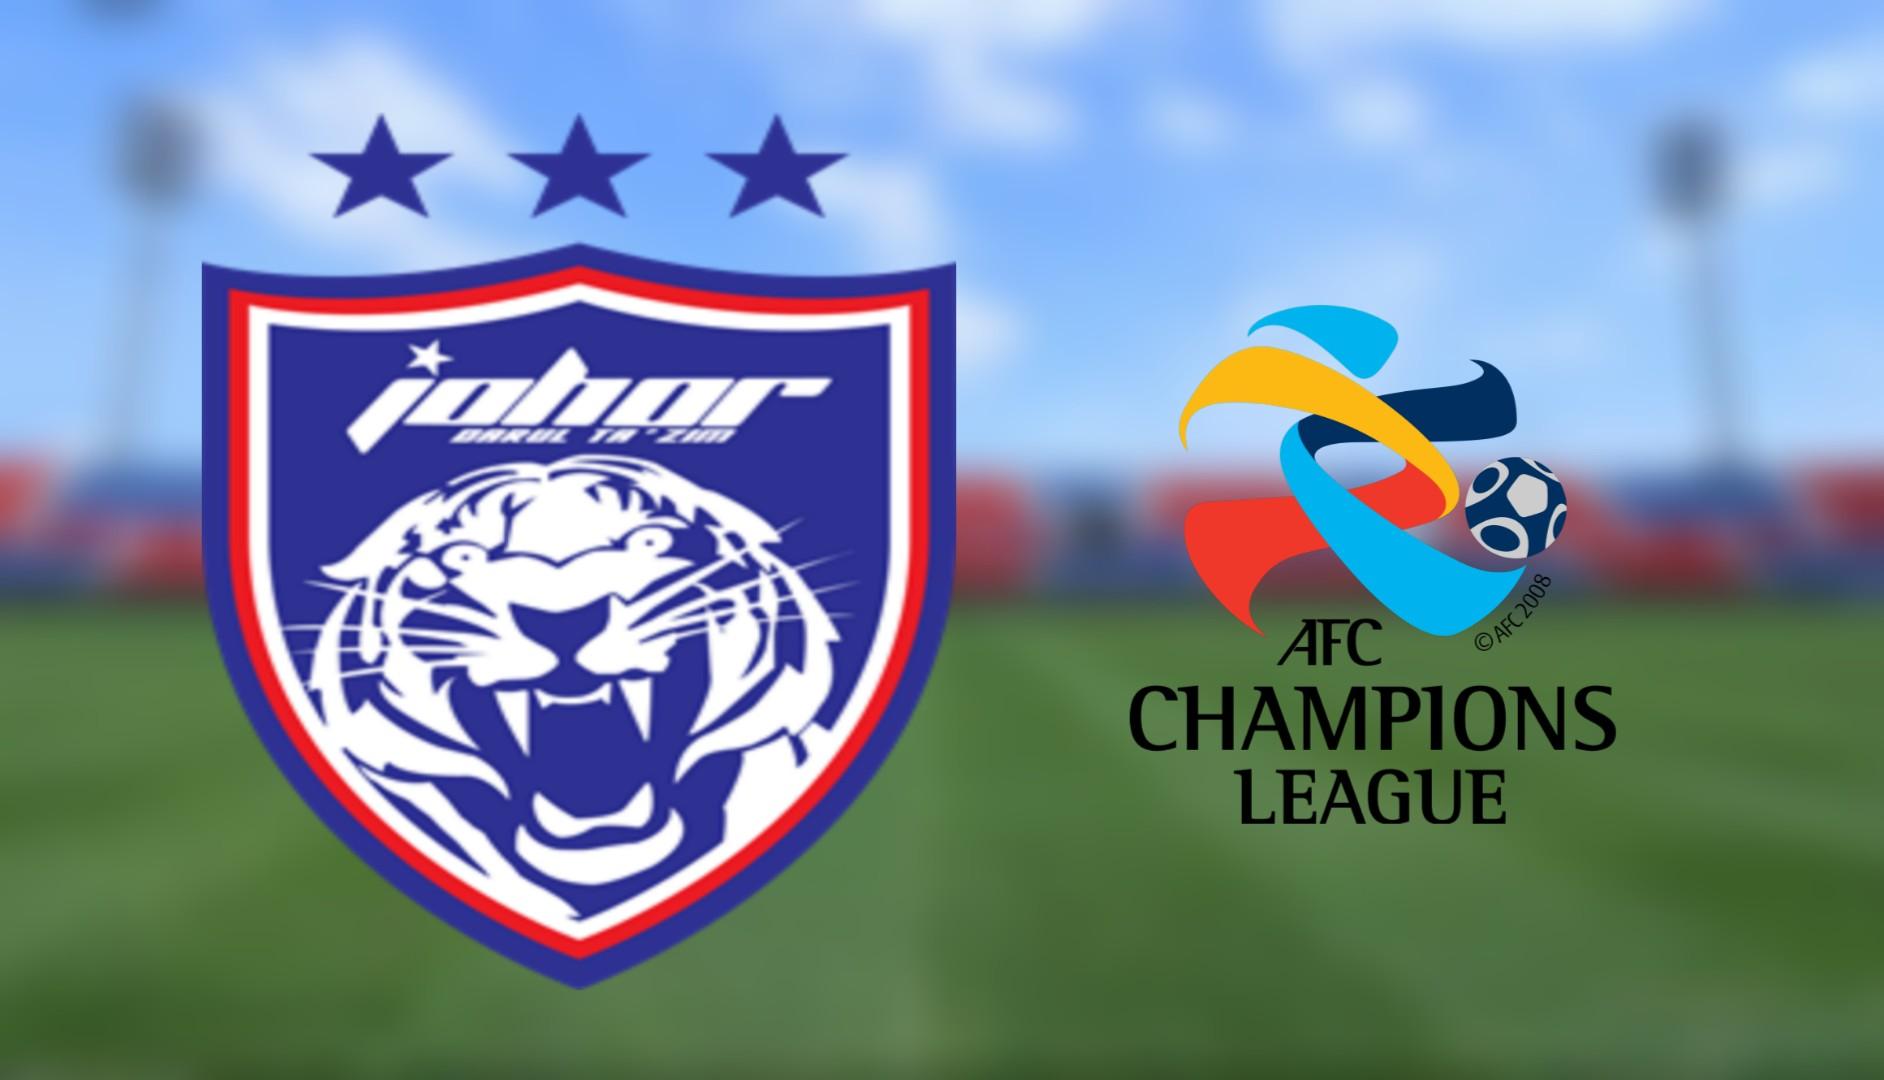 Jadual JDT AFC Champions League 2019 (ACL)